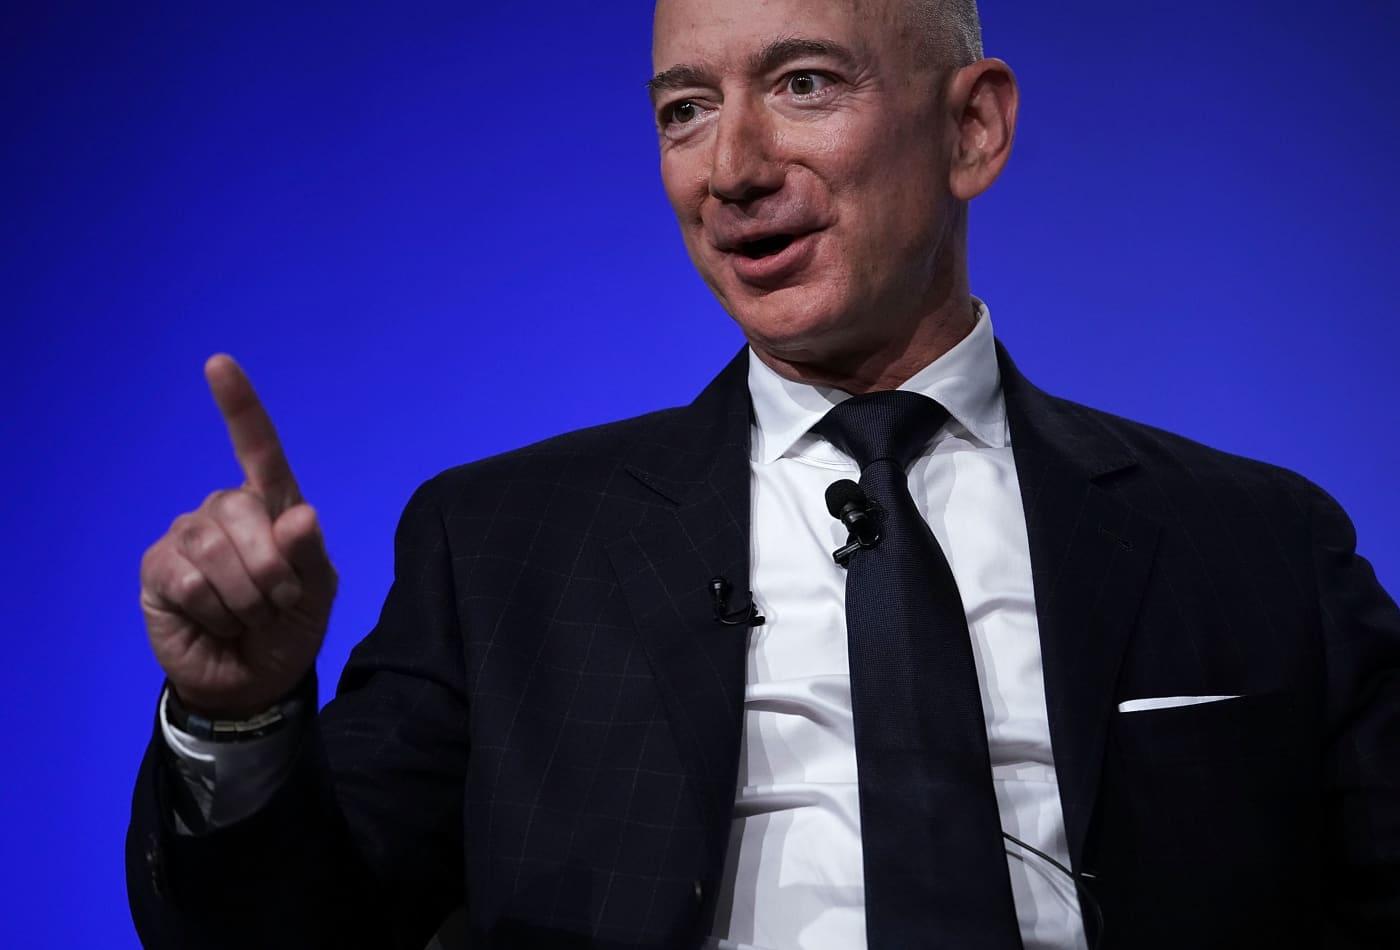 Here's Jeff Bezos' annual shareholder letter